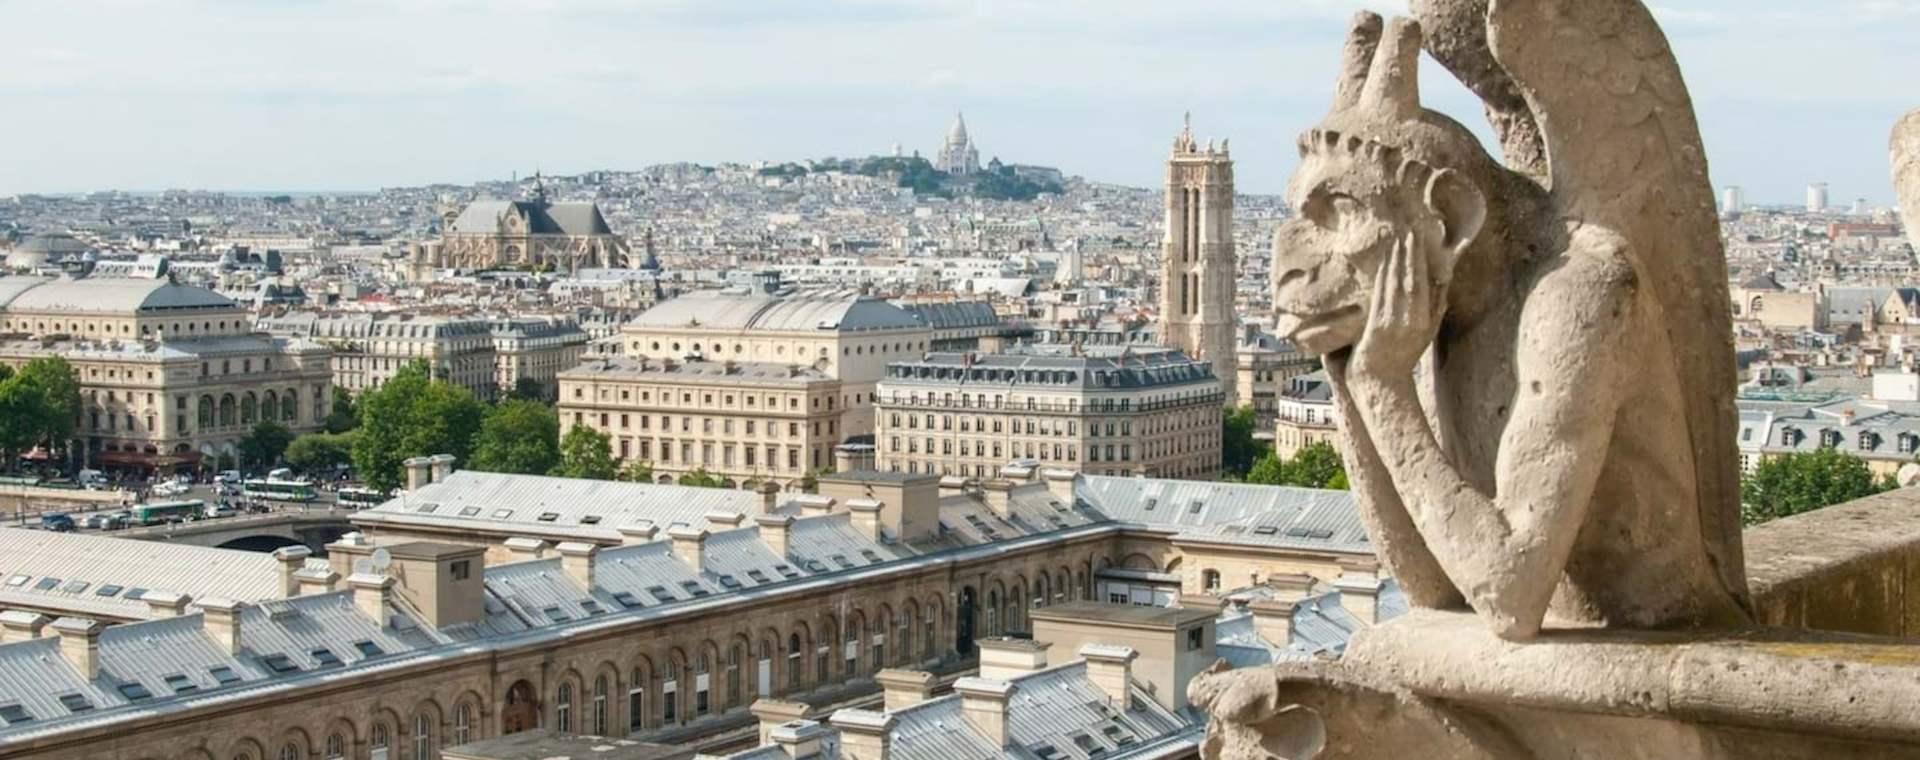 Private Notre Dame Tour with Towers and Île de la Cité